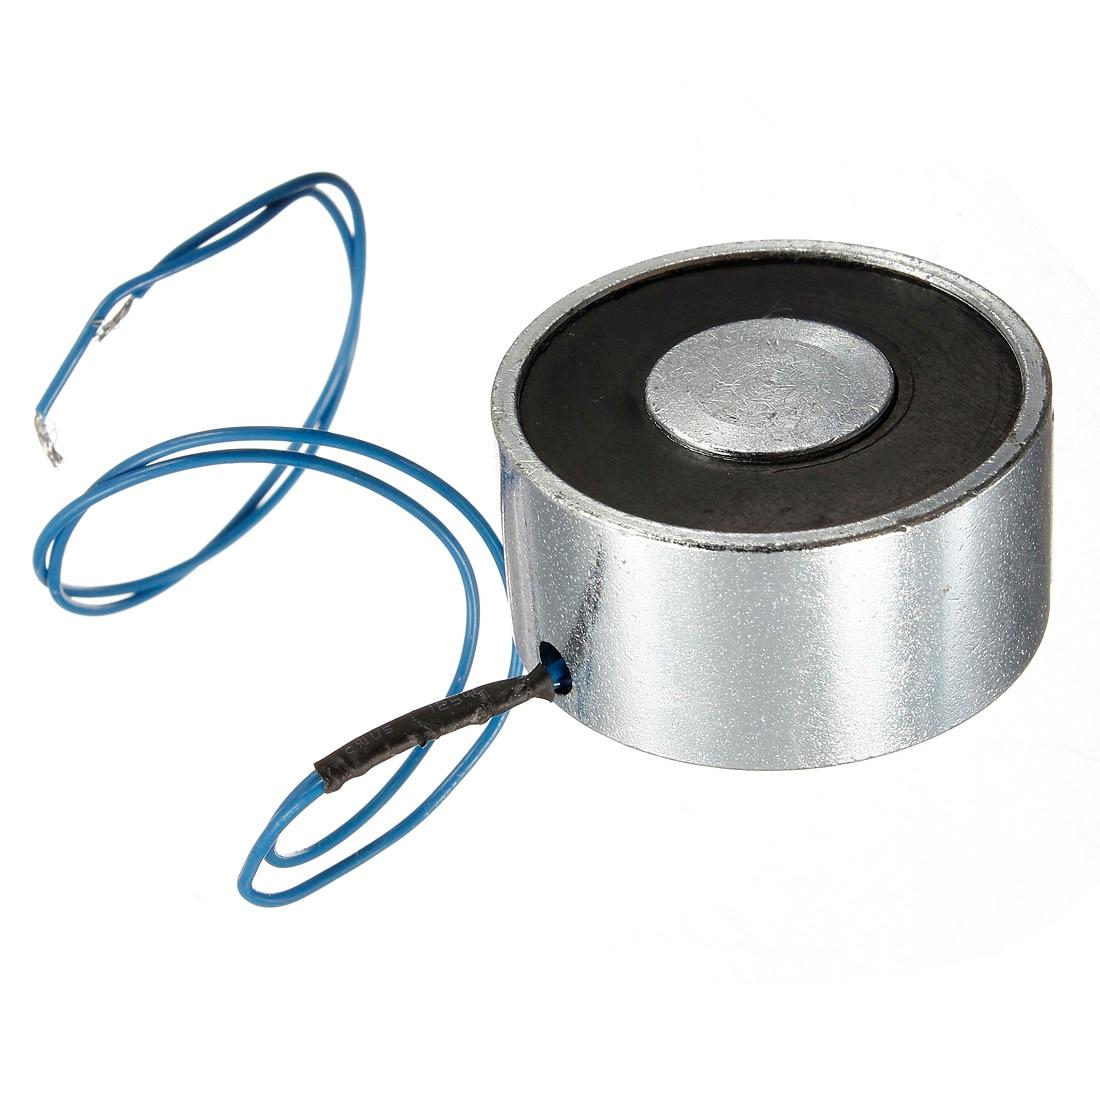 12V 55LB/25kg Electric Lifting Magnet Electromagnet Solenoid Lift Holding 40mm Mini solenoid electric Lifting electro magnet